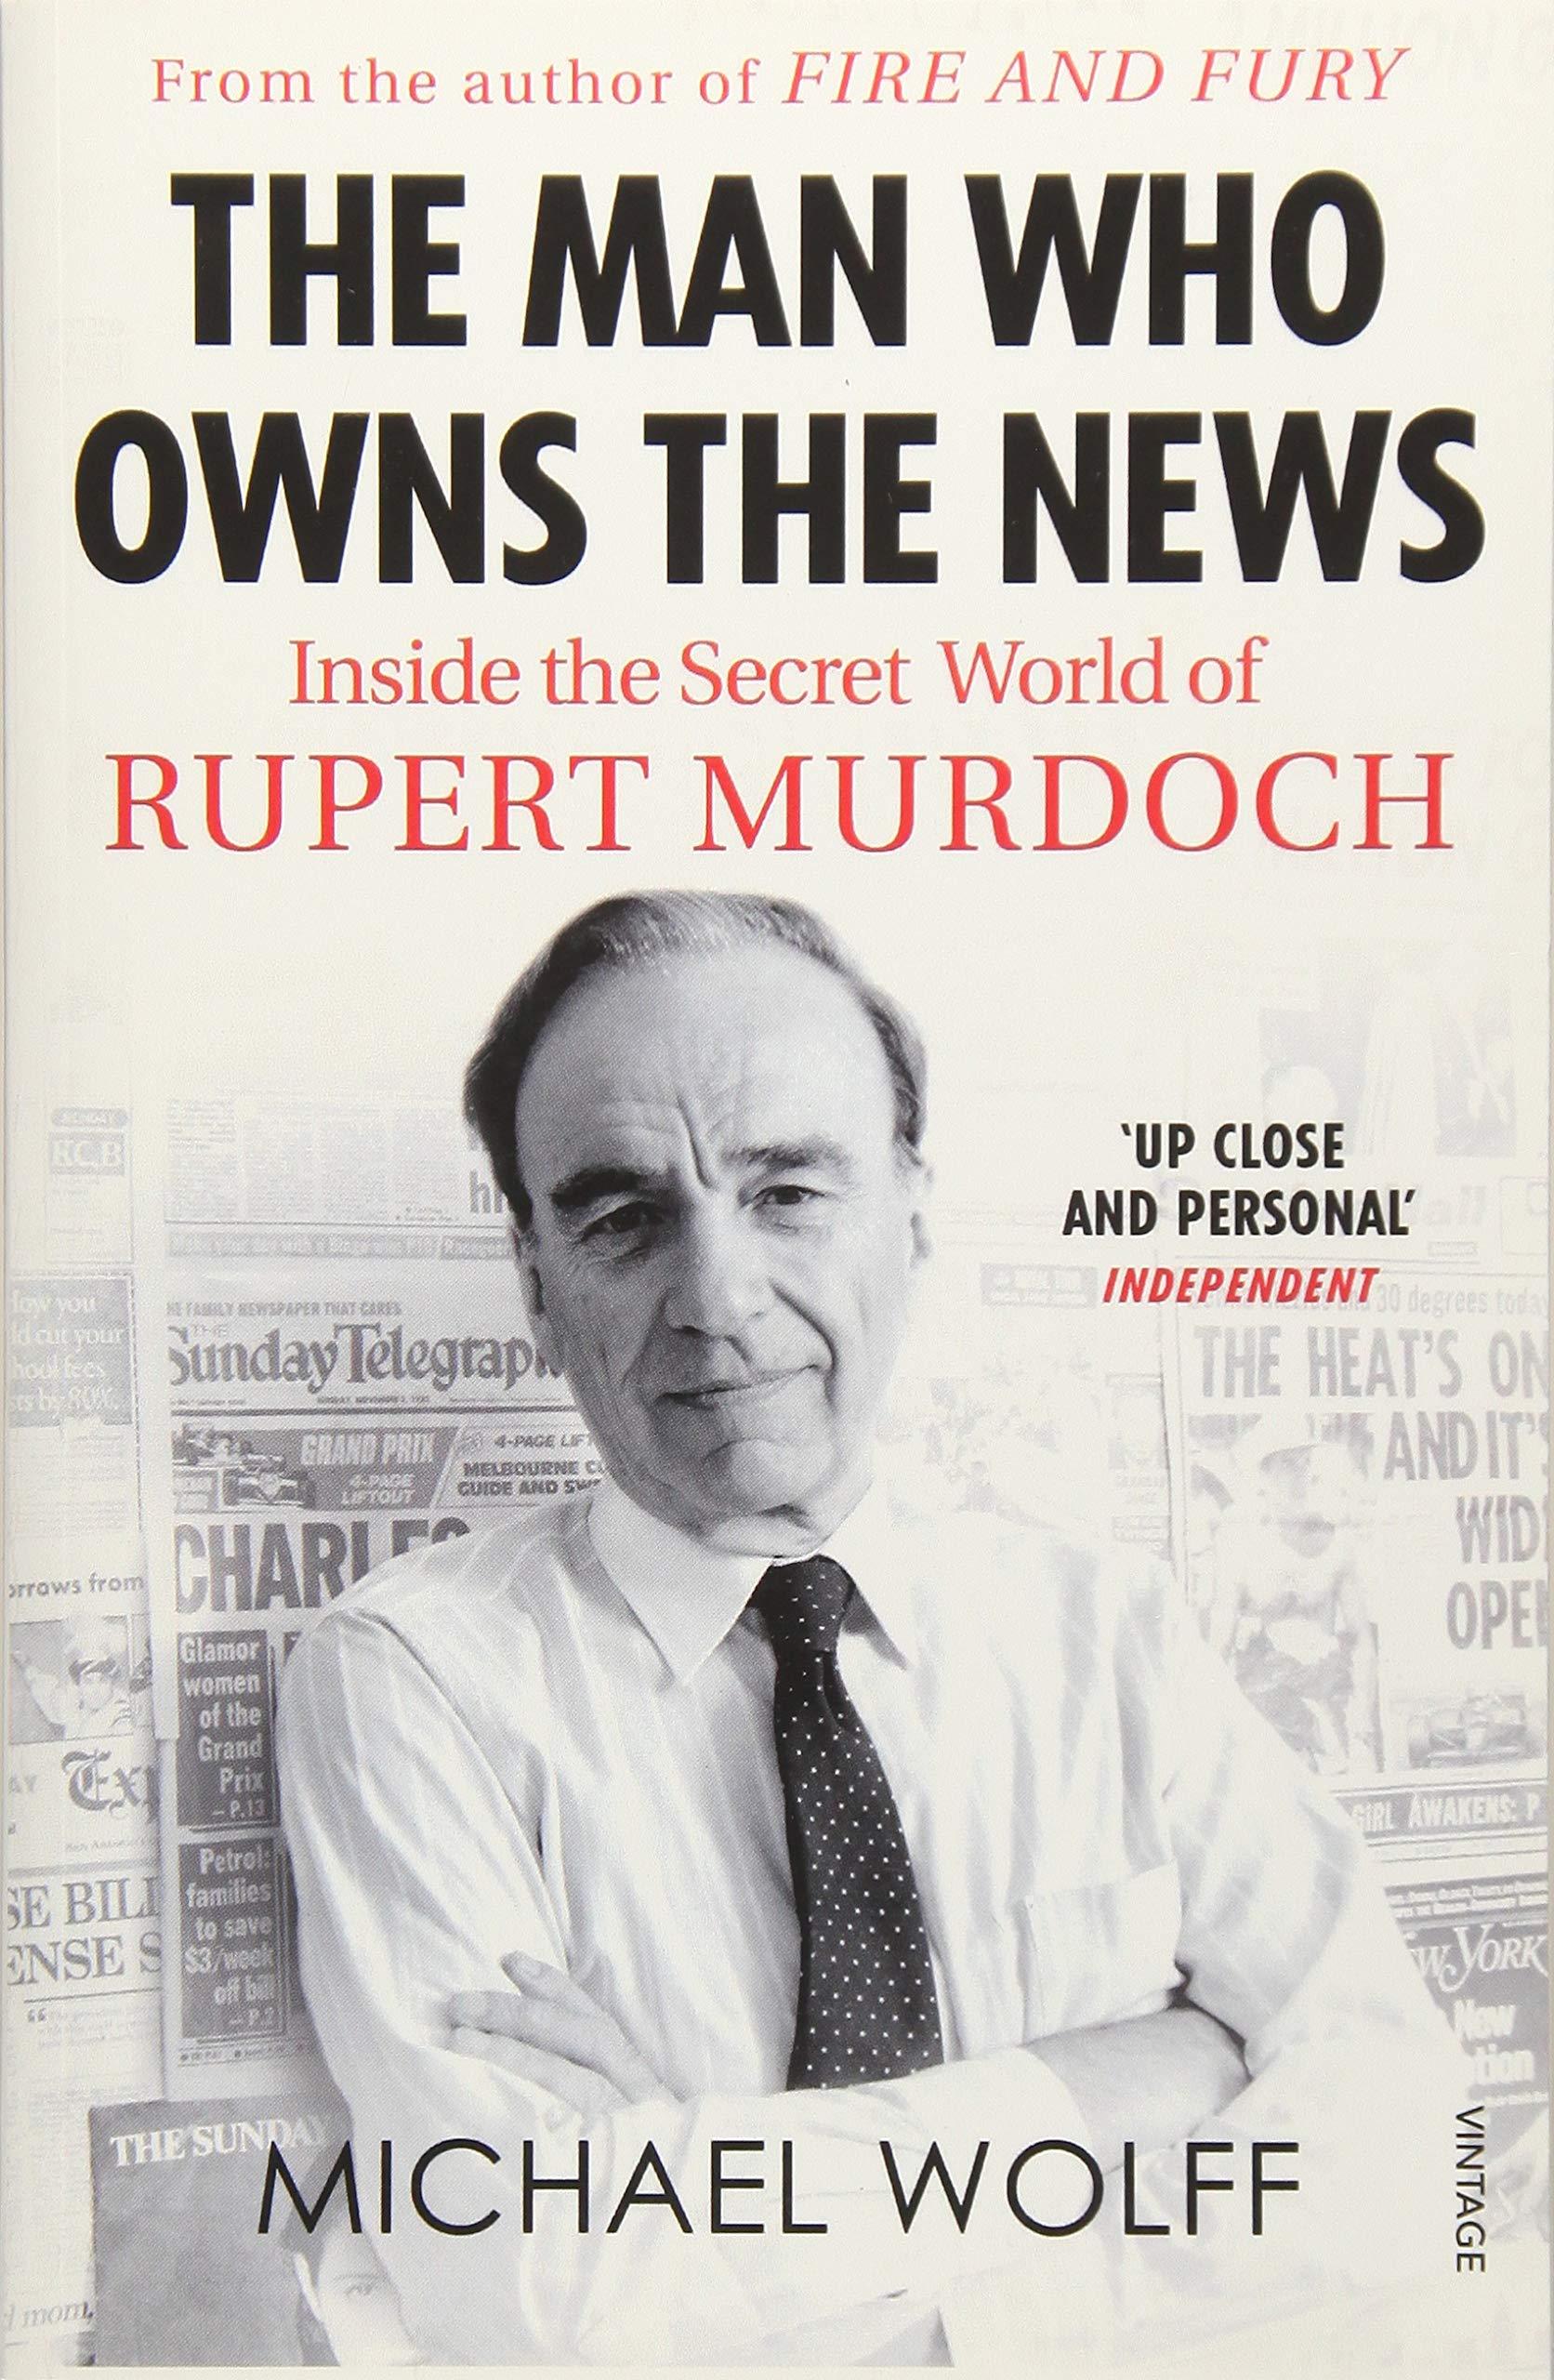 The Man Who Owns the News: Inside the Secret World of Rupert Murdoch